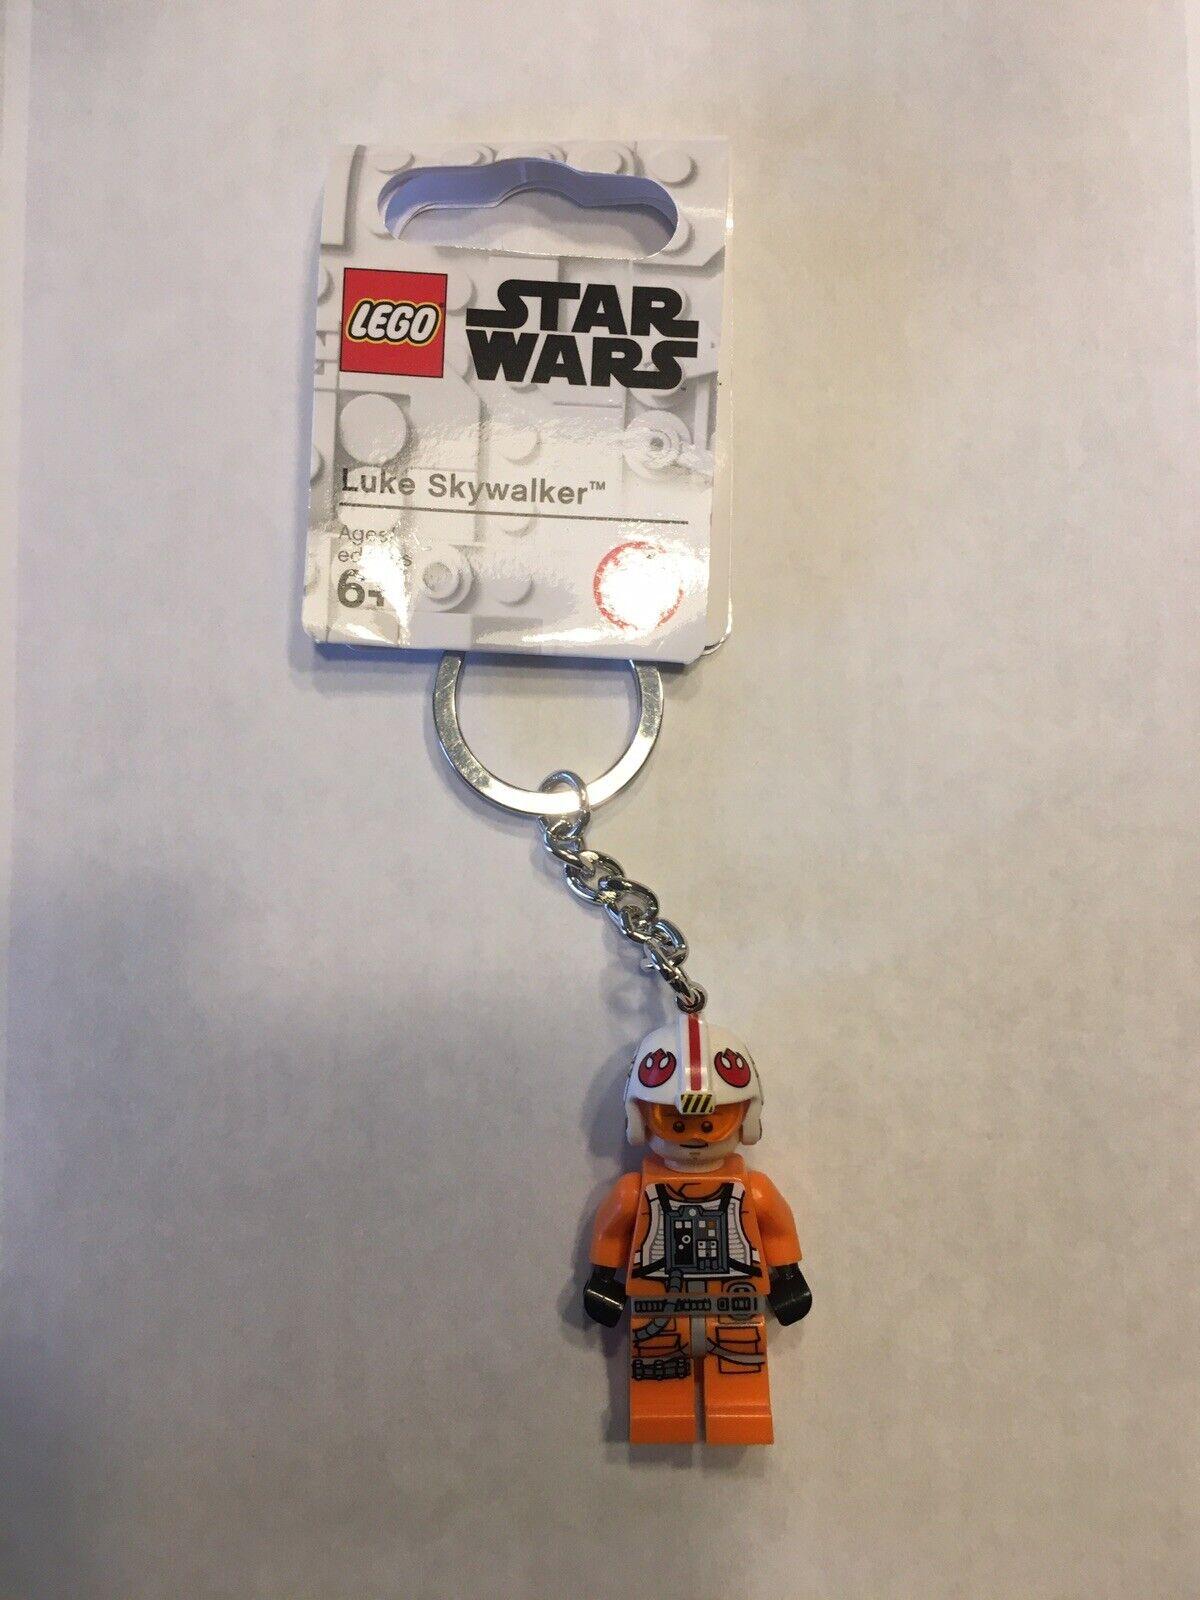 LEGO Star Wars Luke Skywalker #853947 Mini Figure Keychain Key Ring New